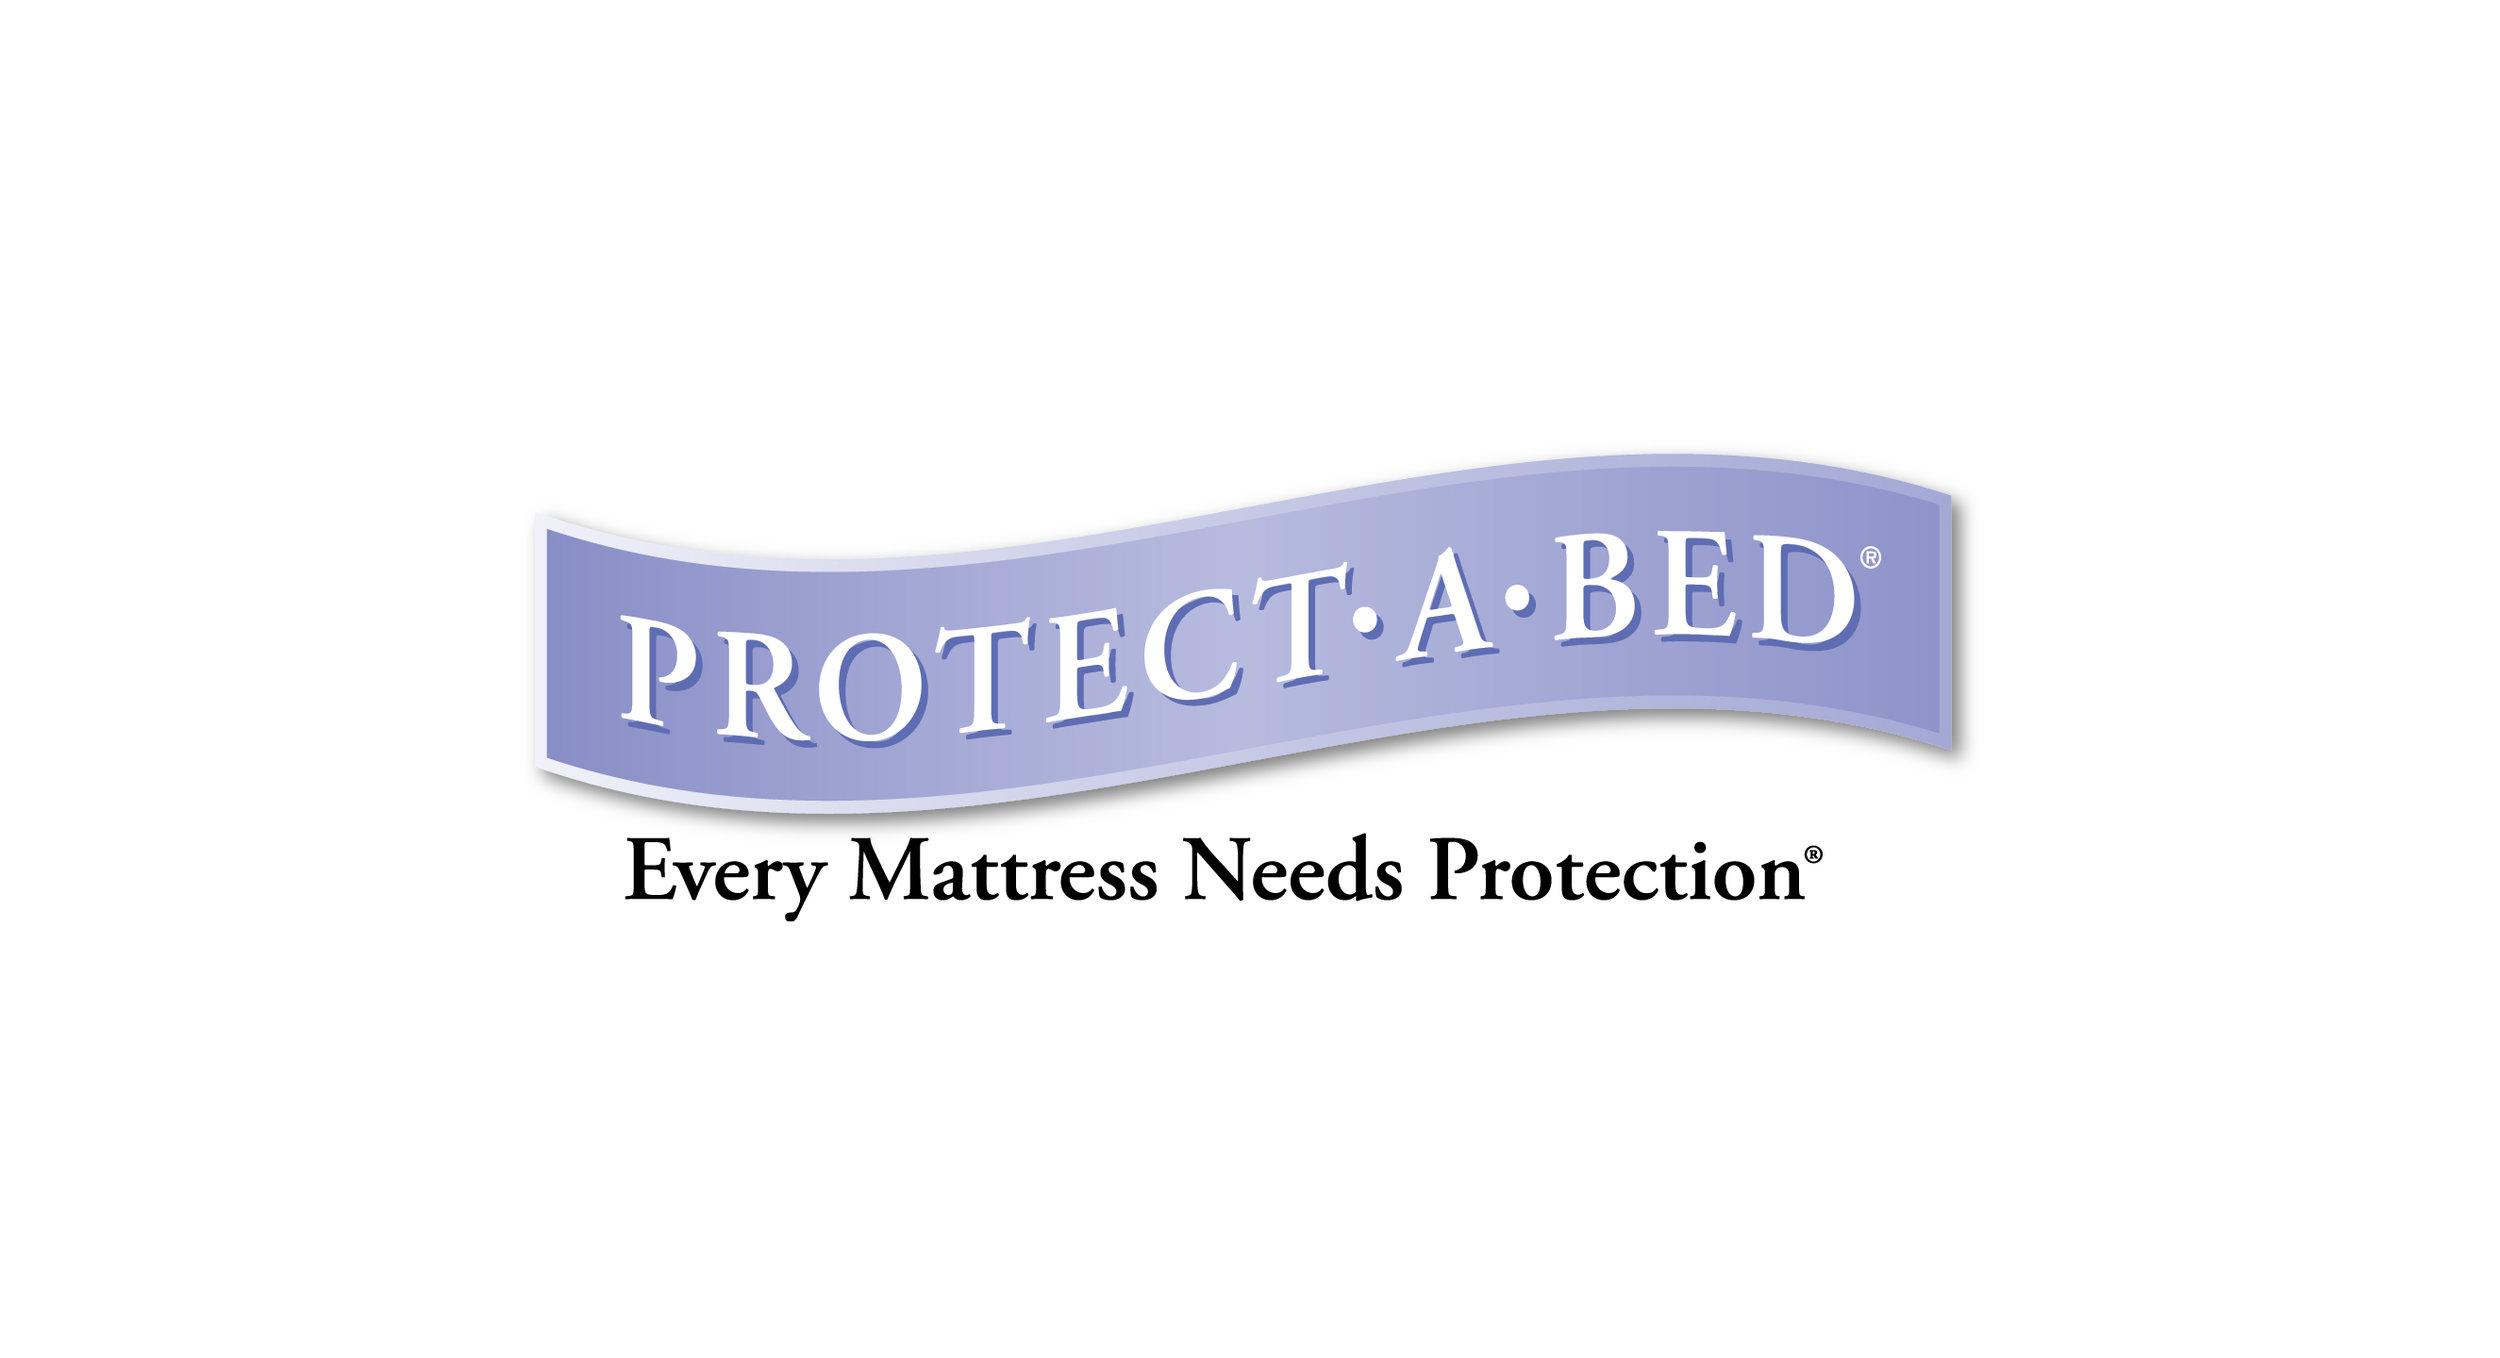 protectabed.jpg